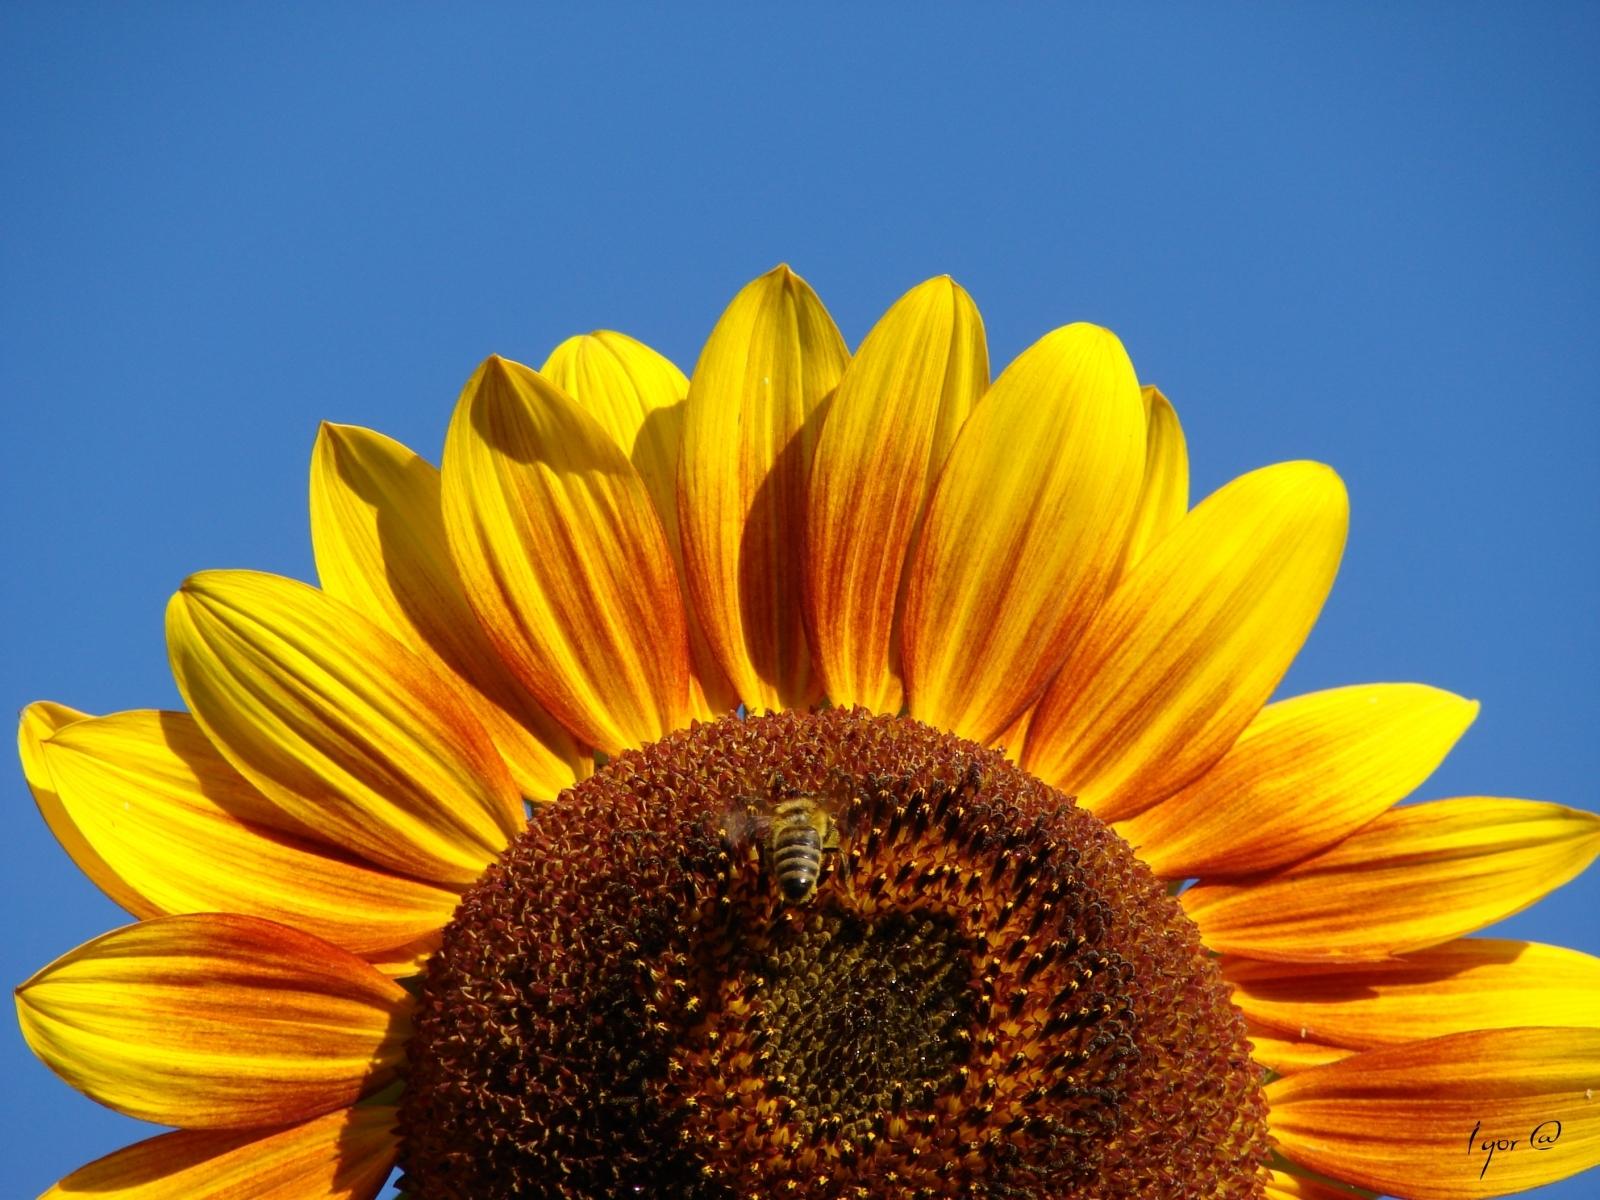 Скачать картинку Подсолнухи, Растения в телефон бесплатно.